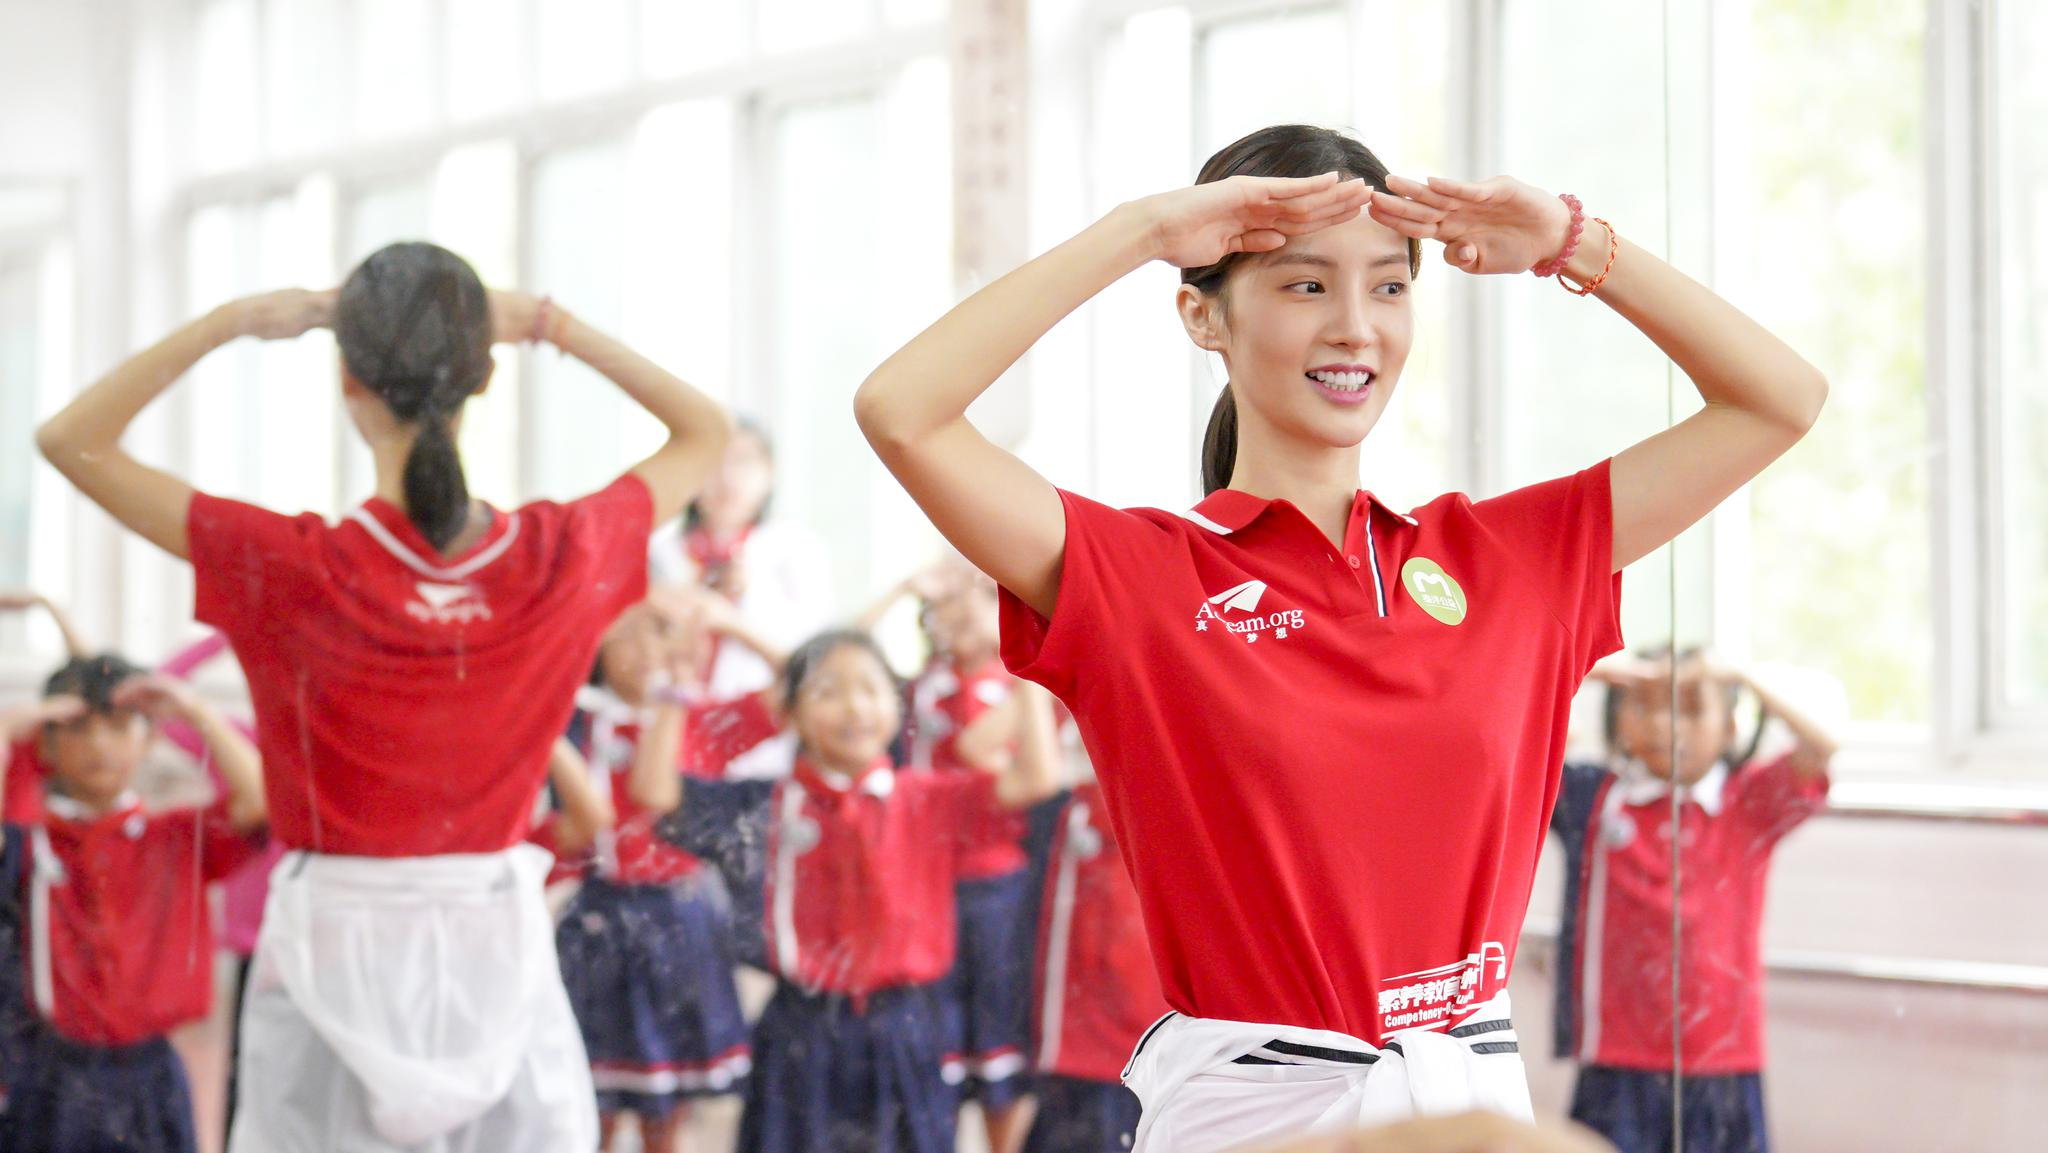 演员金晨给同学们教授梦想舞蹈课